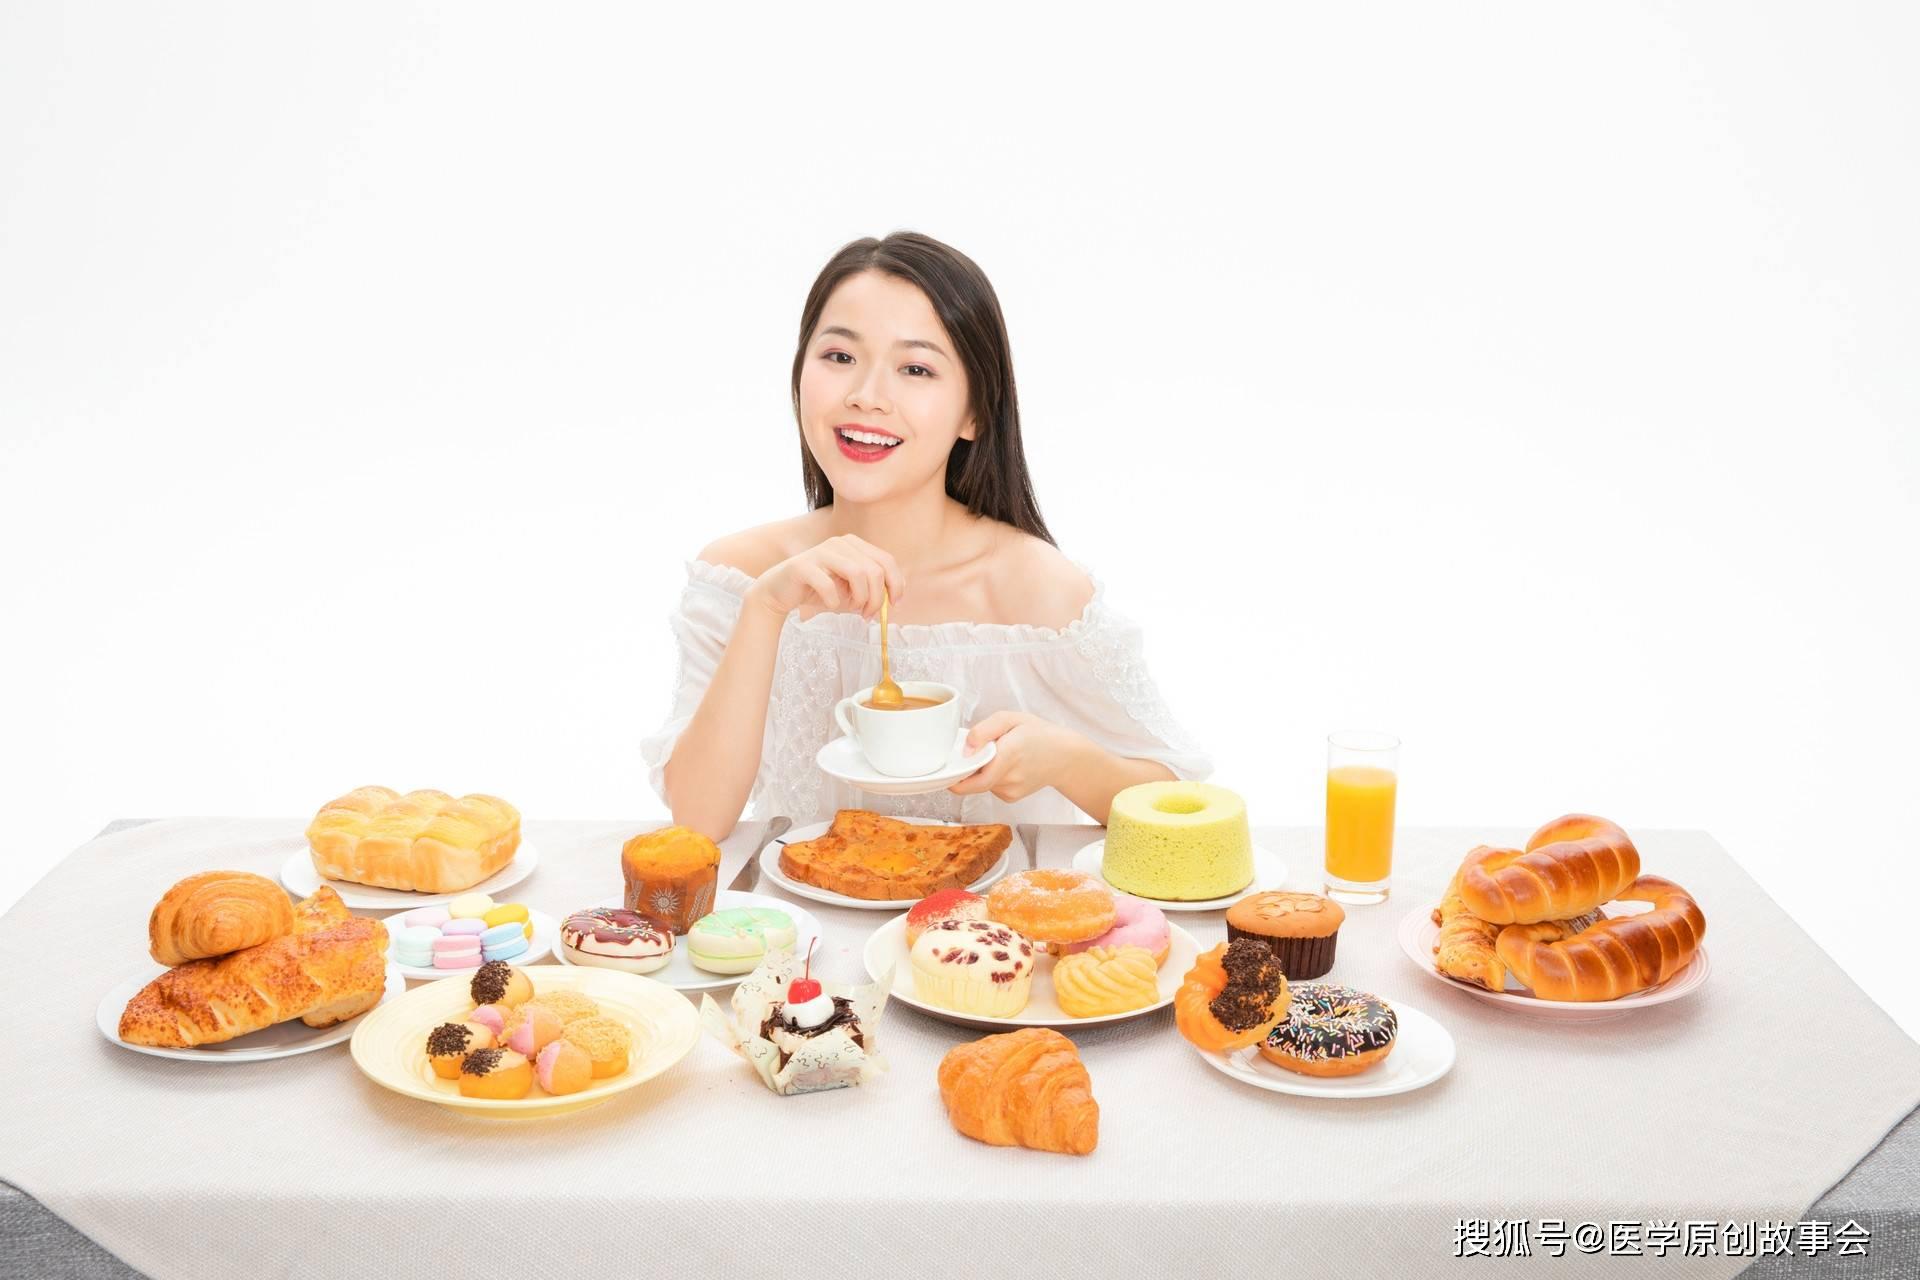 医生从来不碰的四种食物,很多人天天吃,却不知它们会诱发癌症